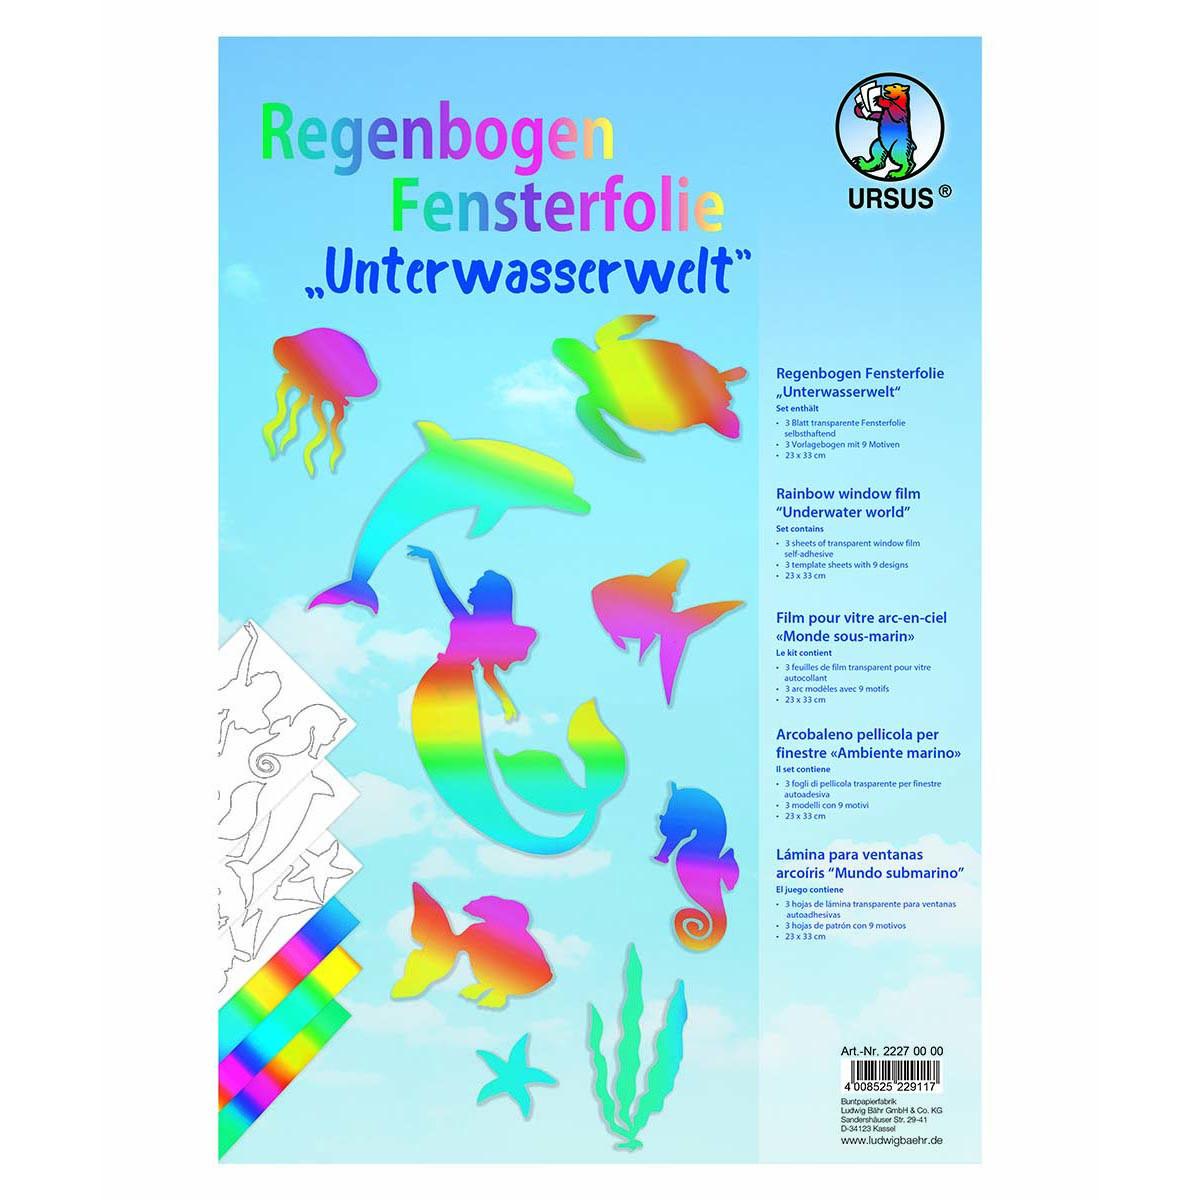 """Regenbogen Fensterfolie """"Unterwasserwelt"""" - selbstklebend"""